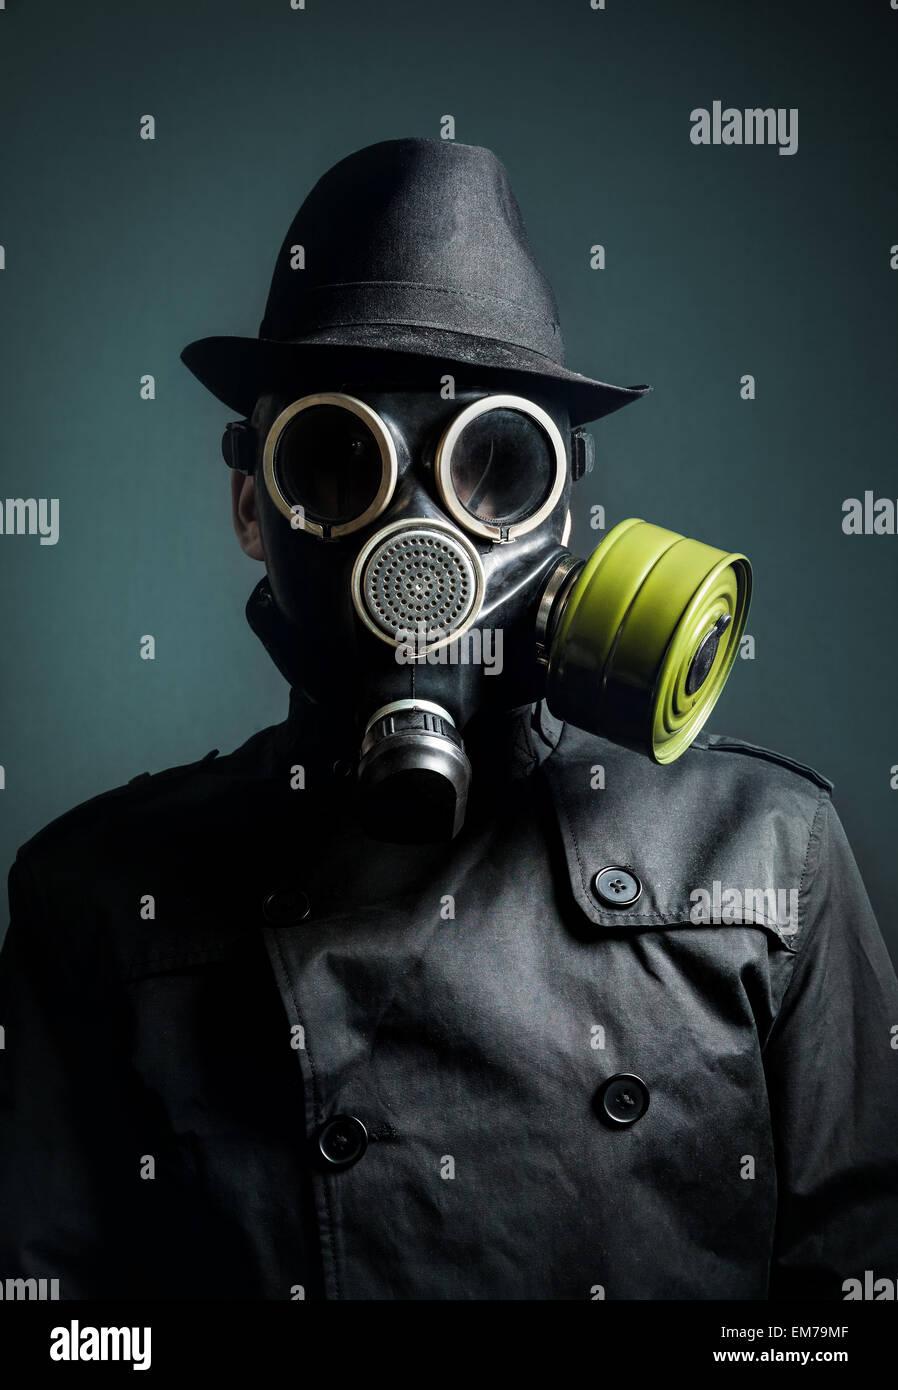 El hombre de la máscara de gas, impermeable y un sombrero negro en fondo oscuro Foto de stock